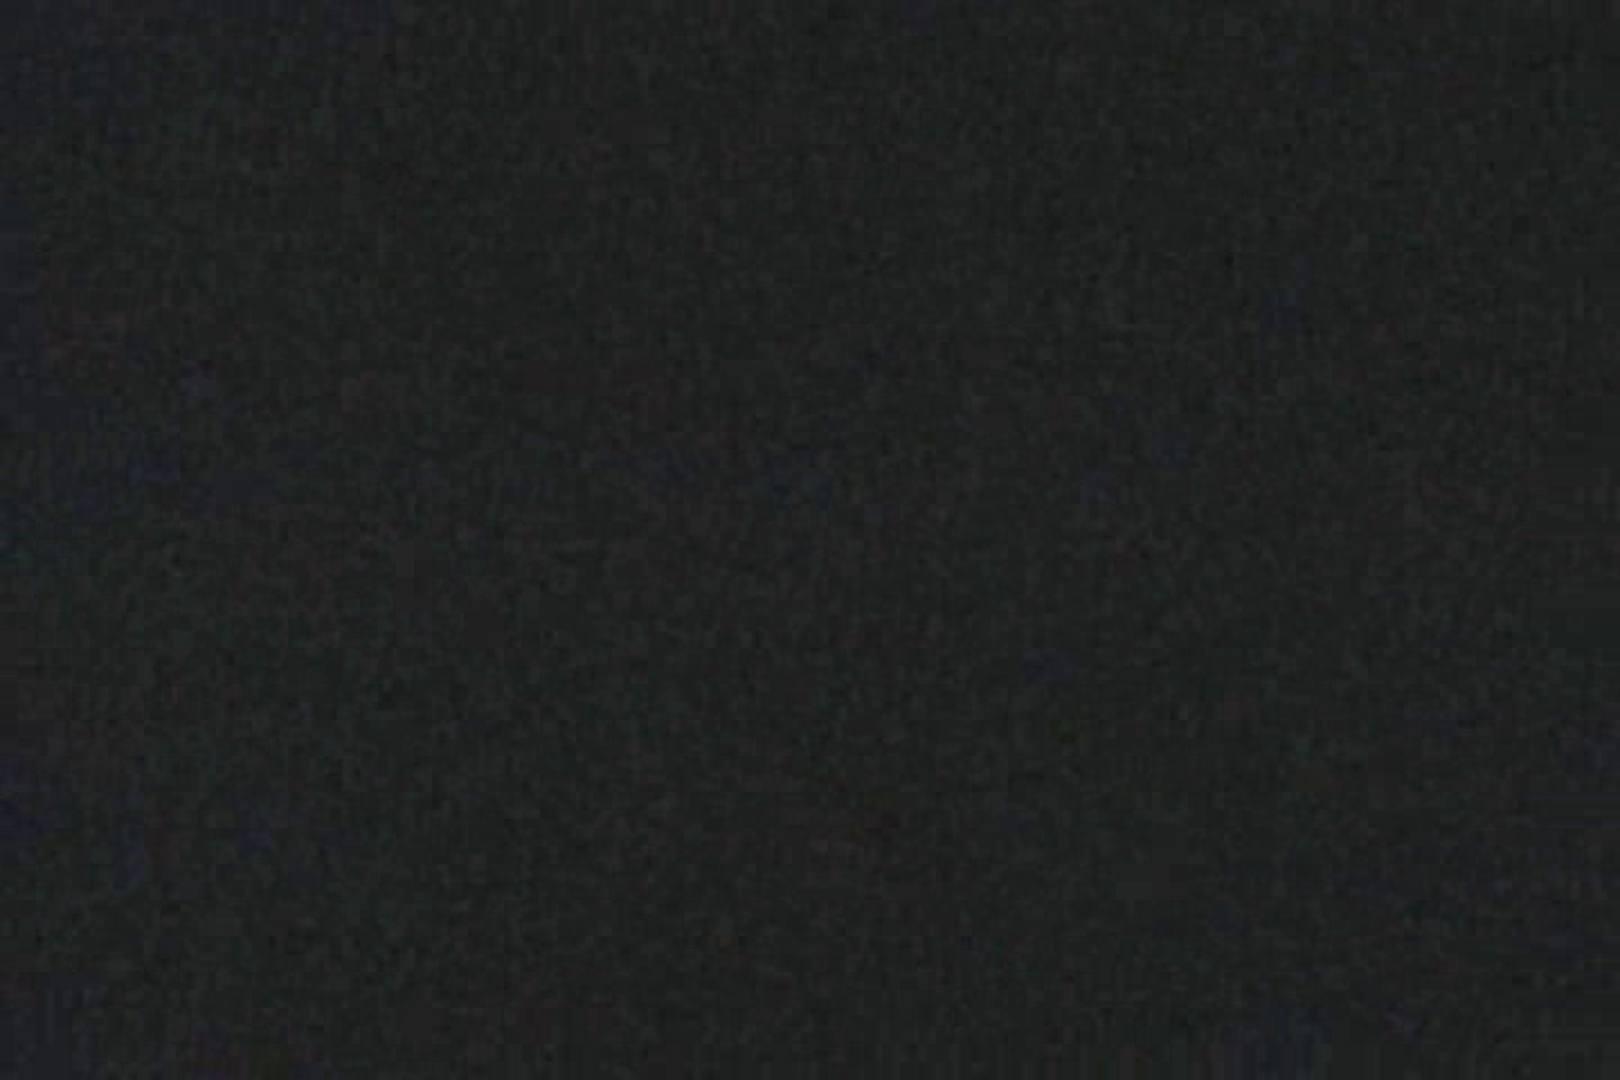 蔵出し!!赤外線カーセックスVol.25 セックス | 赤外線  86pic 31